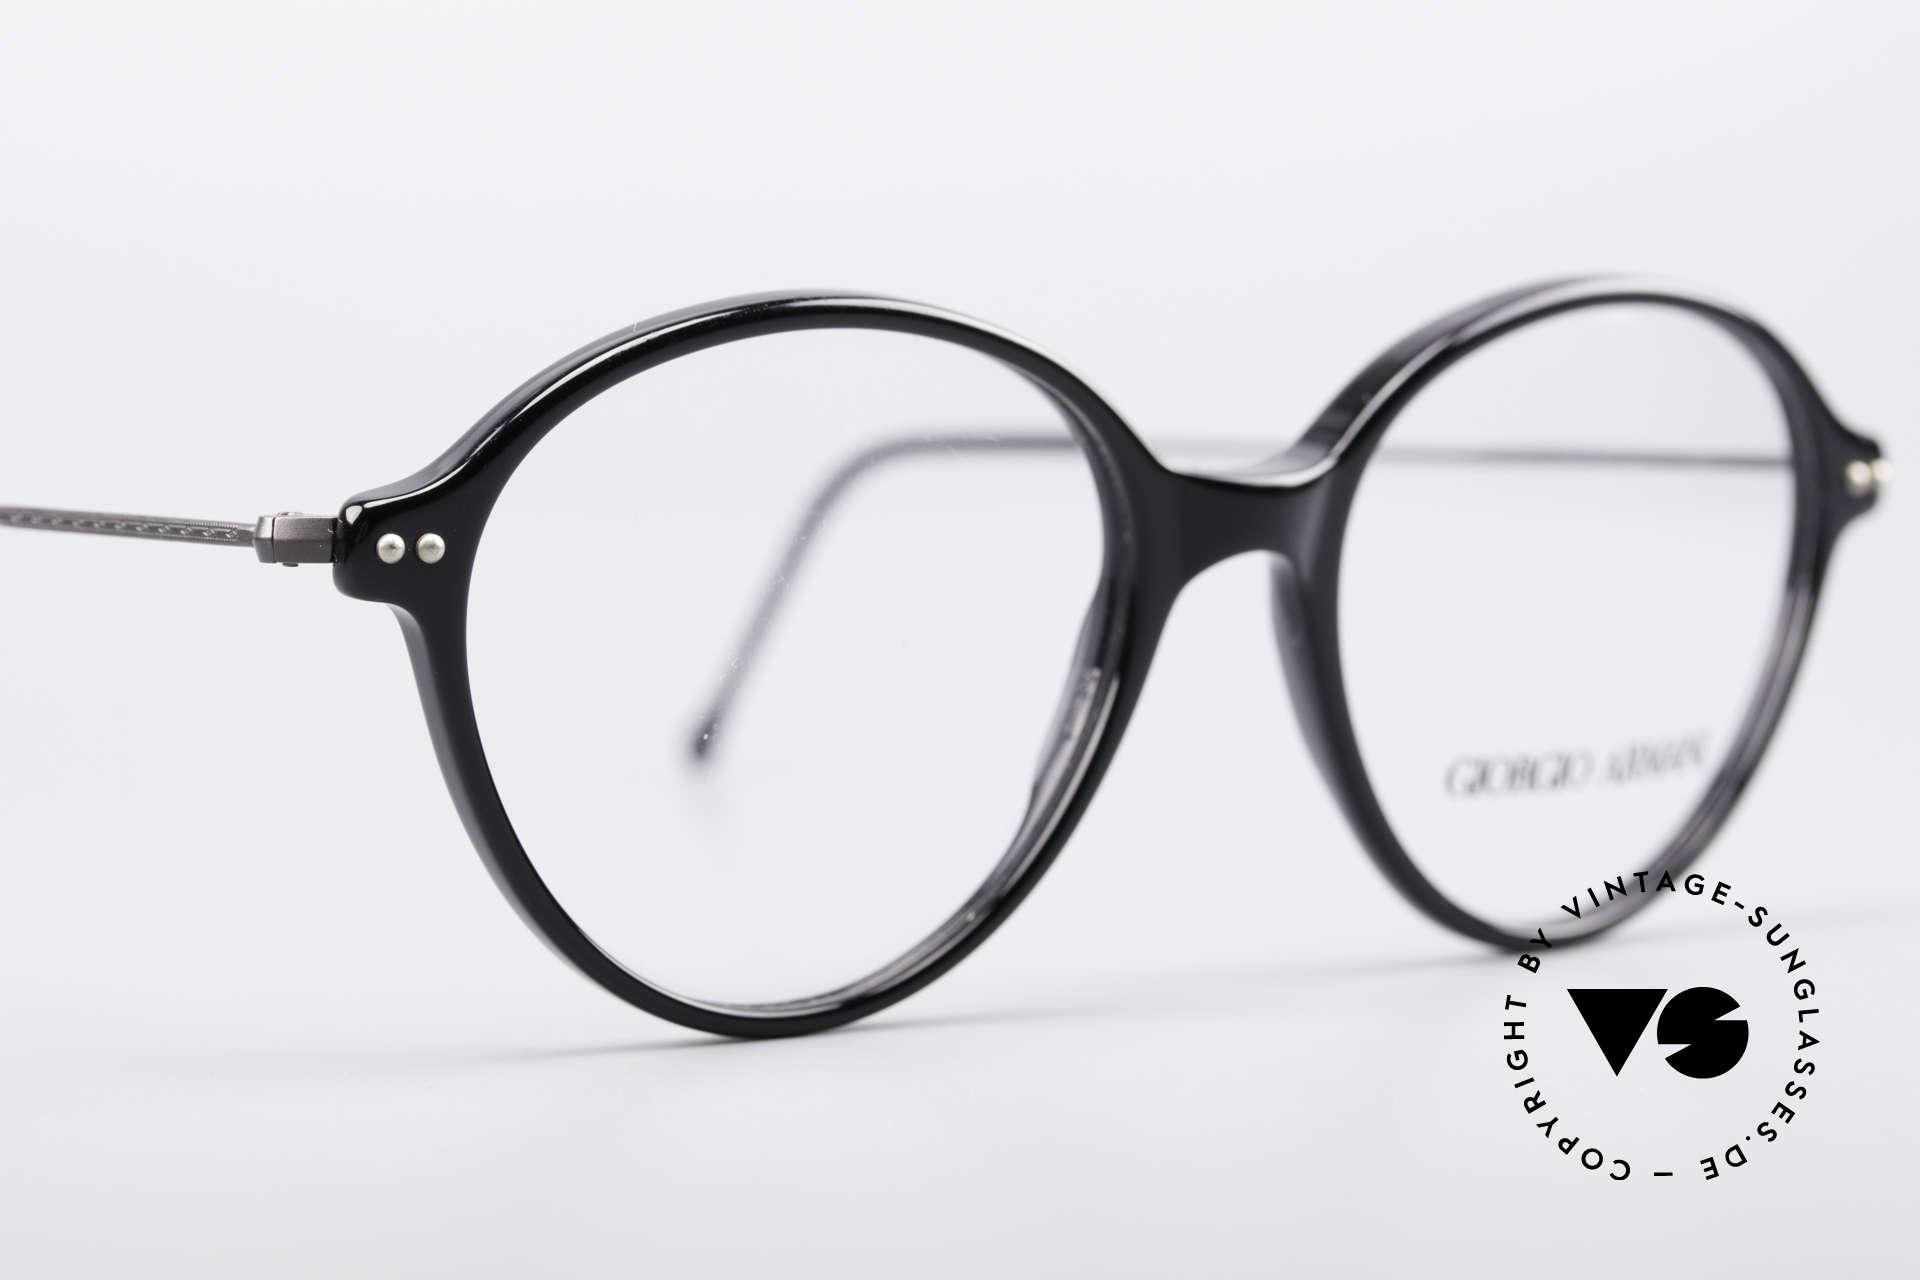 Giorgio Armani 374 90er Unisex Vintage Brille, ein ungetragenes G. Armani Original aus den 90ern, Passend für Herren und Damen